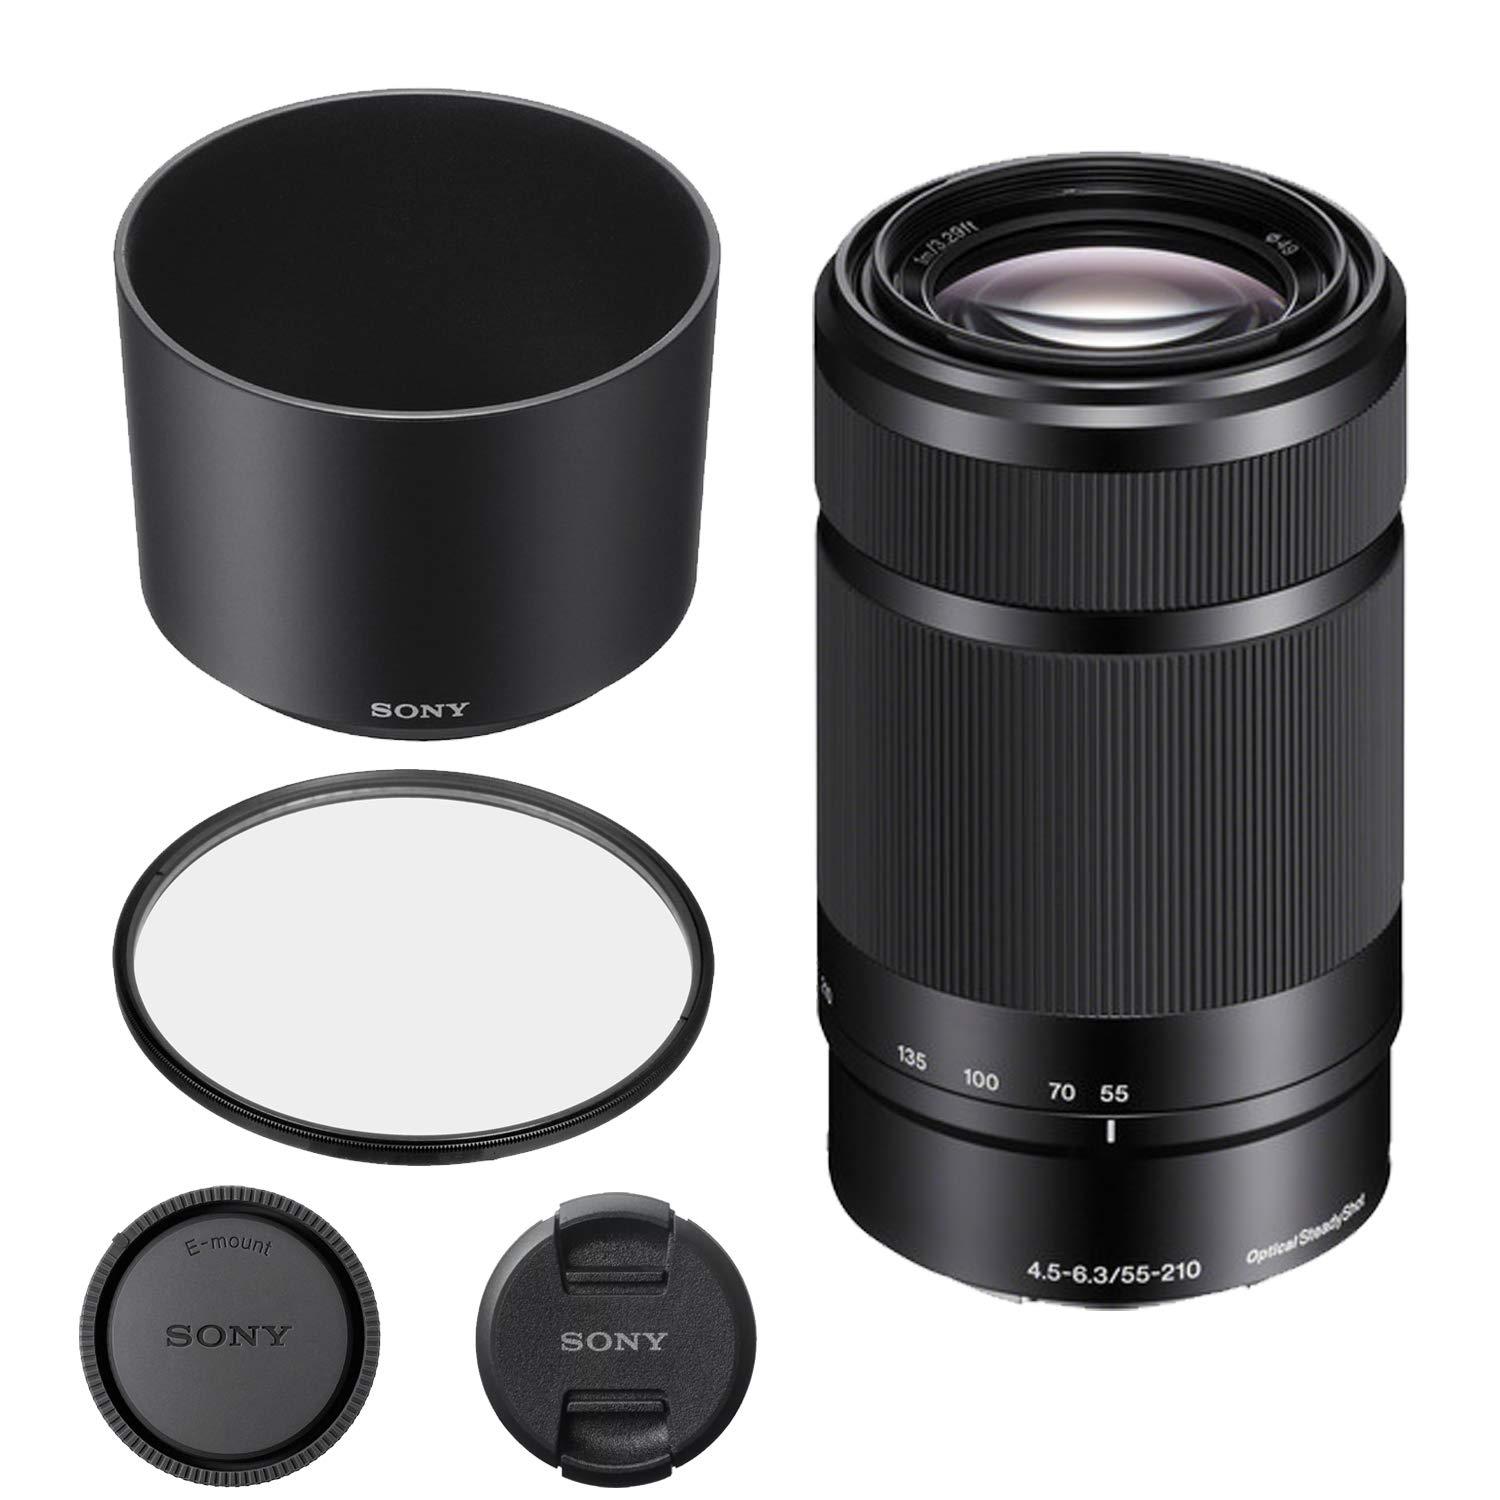 ソニー E 55-210mm f/4.5-6.3 OSSレンズ(ブラック)キット ソニーレンズフード、レンズキャップ、UVフィルター付き(小売ボックス)   B07KZ2FFT7